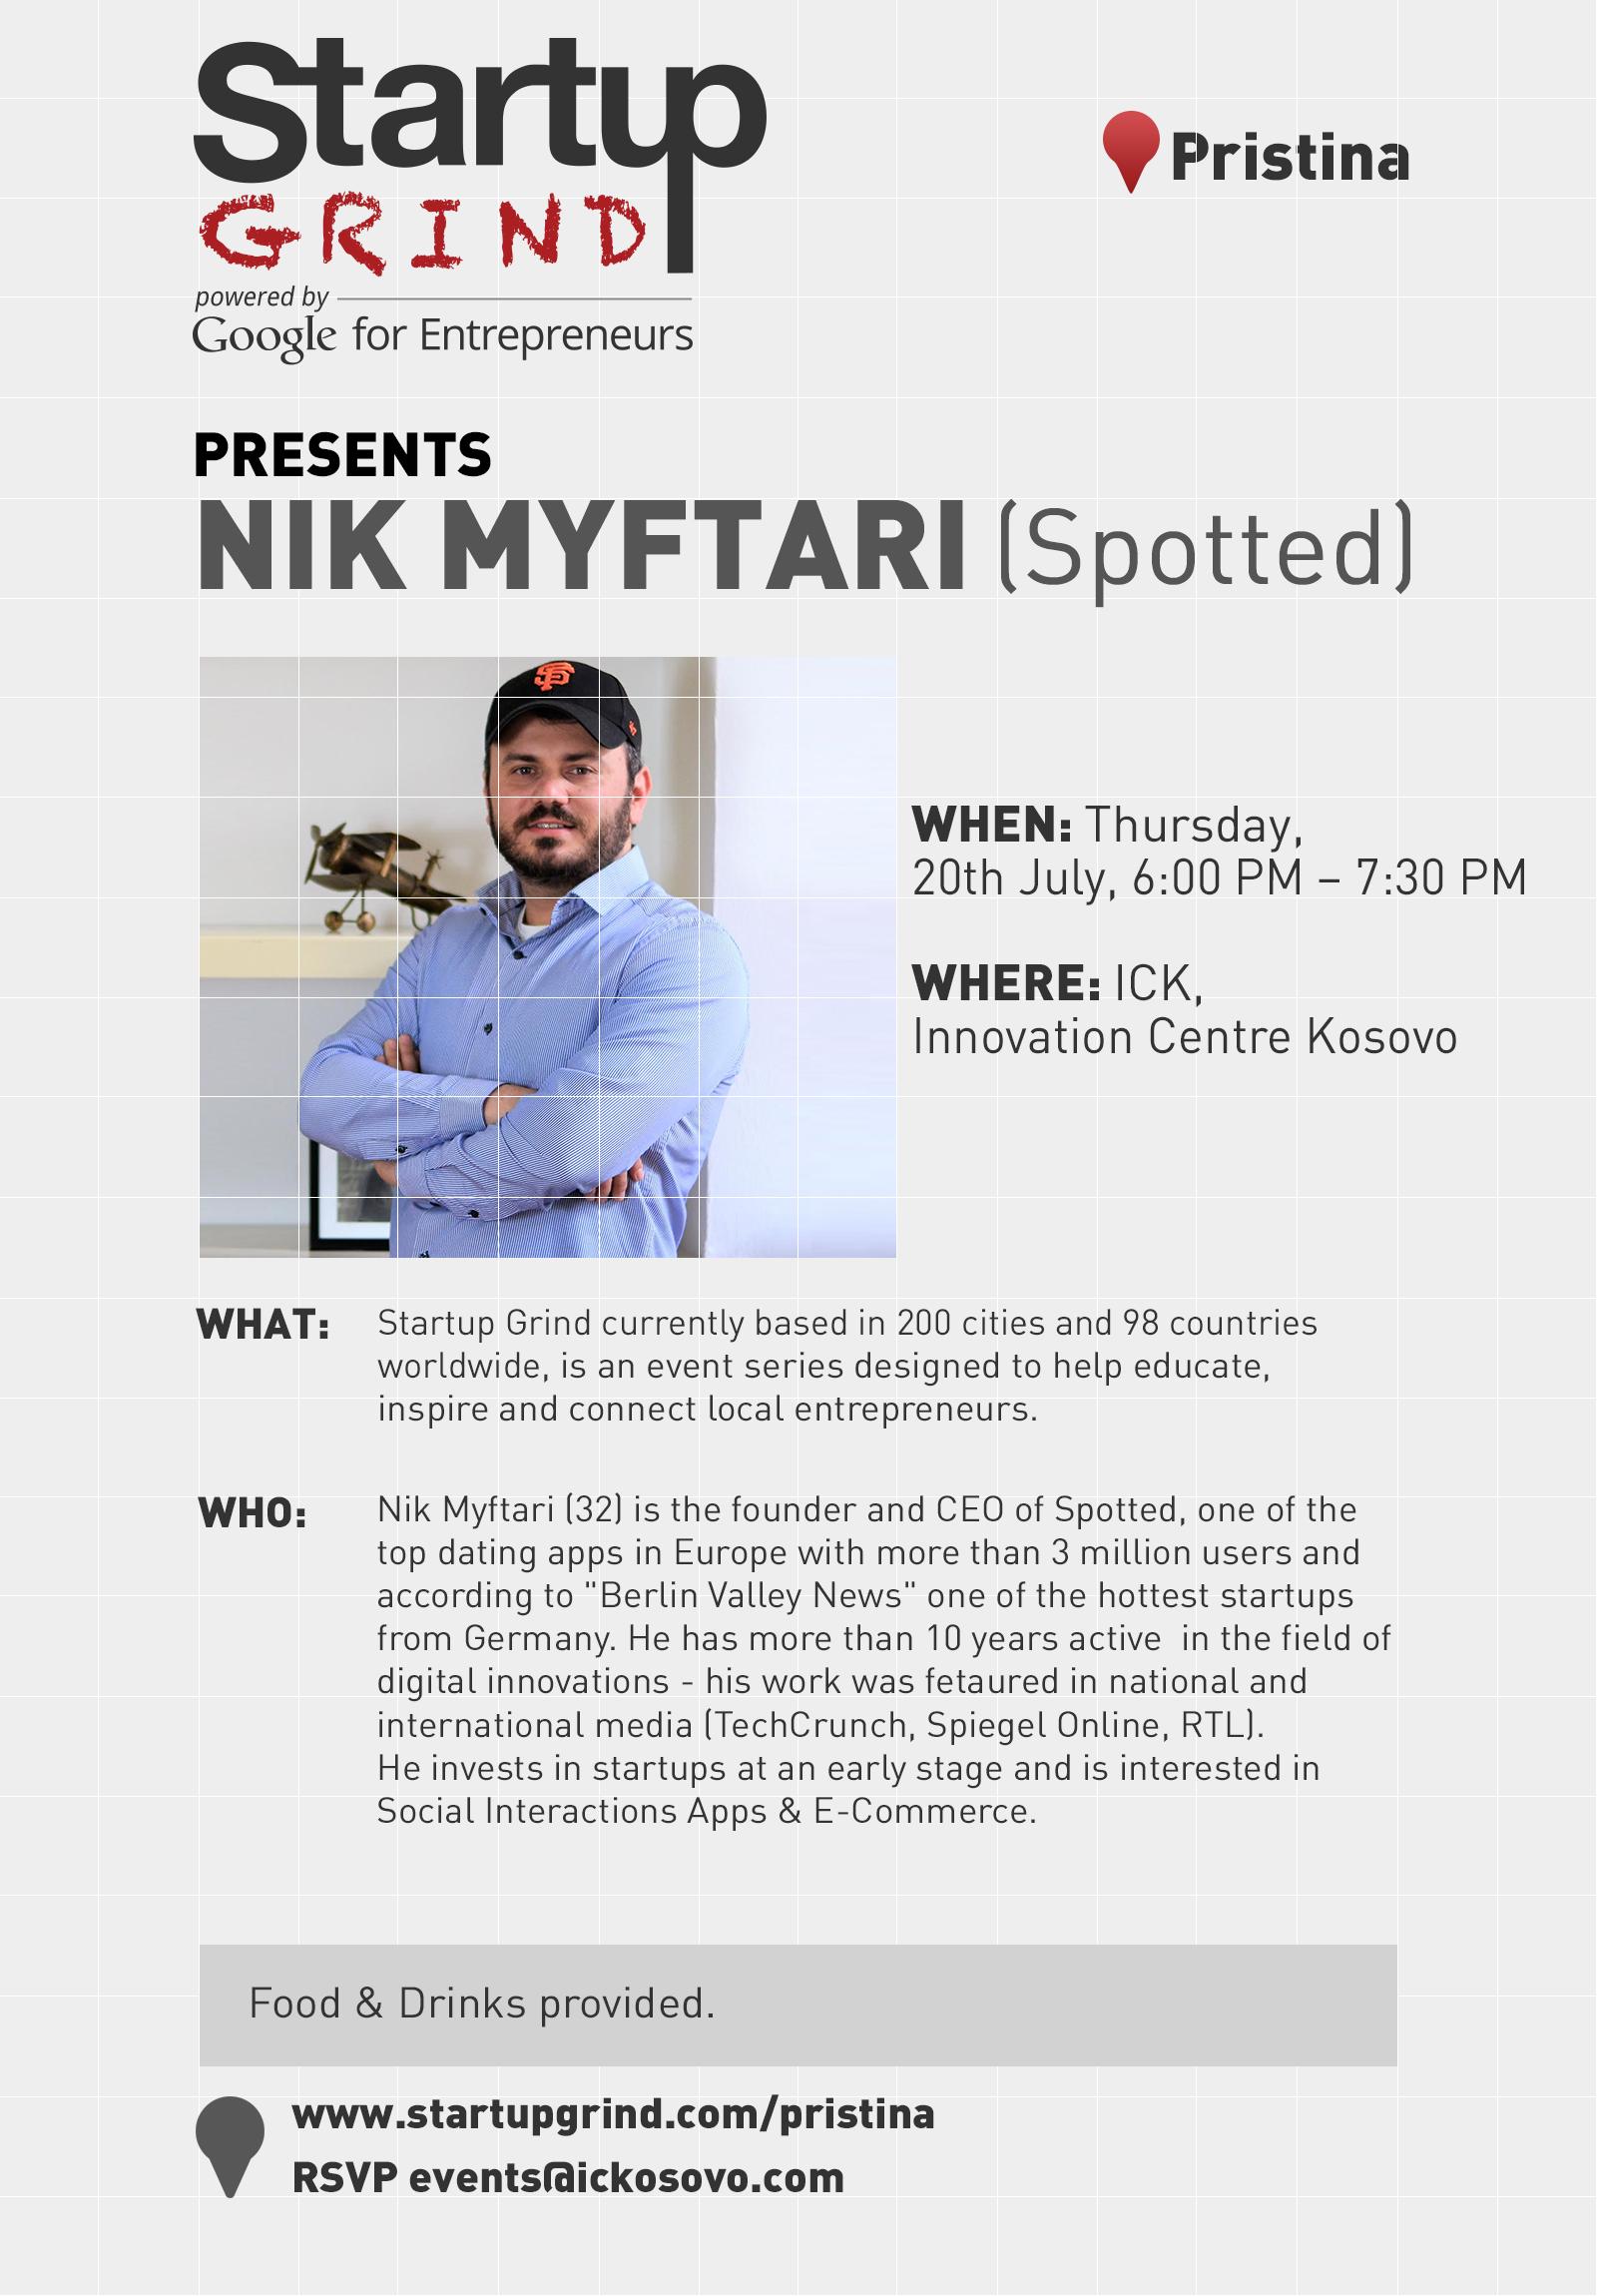 Startup Grind Prishtina Hosted Nik Myftari (Spotted)